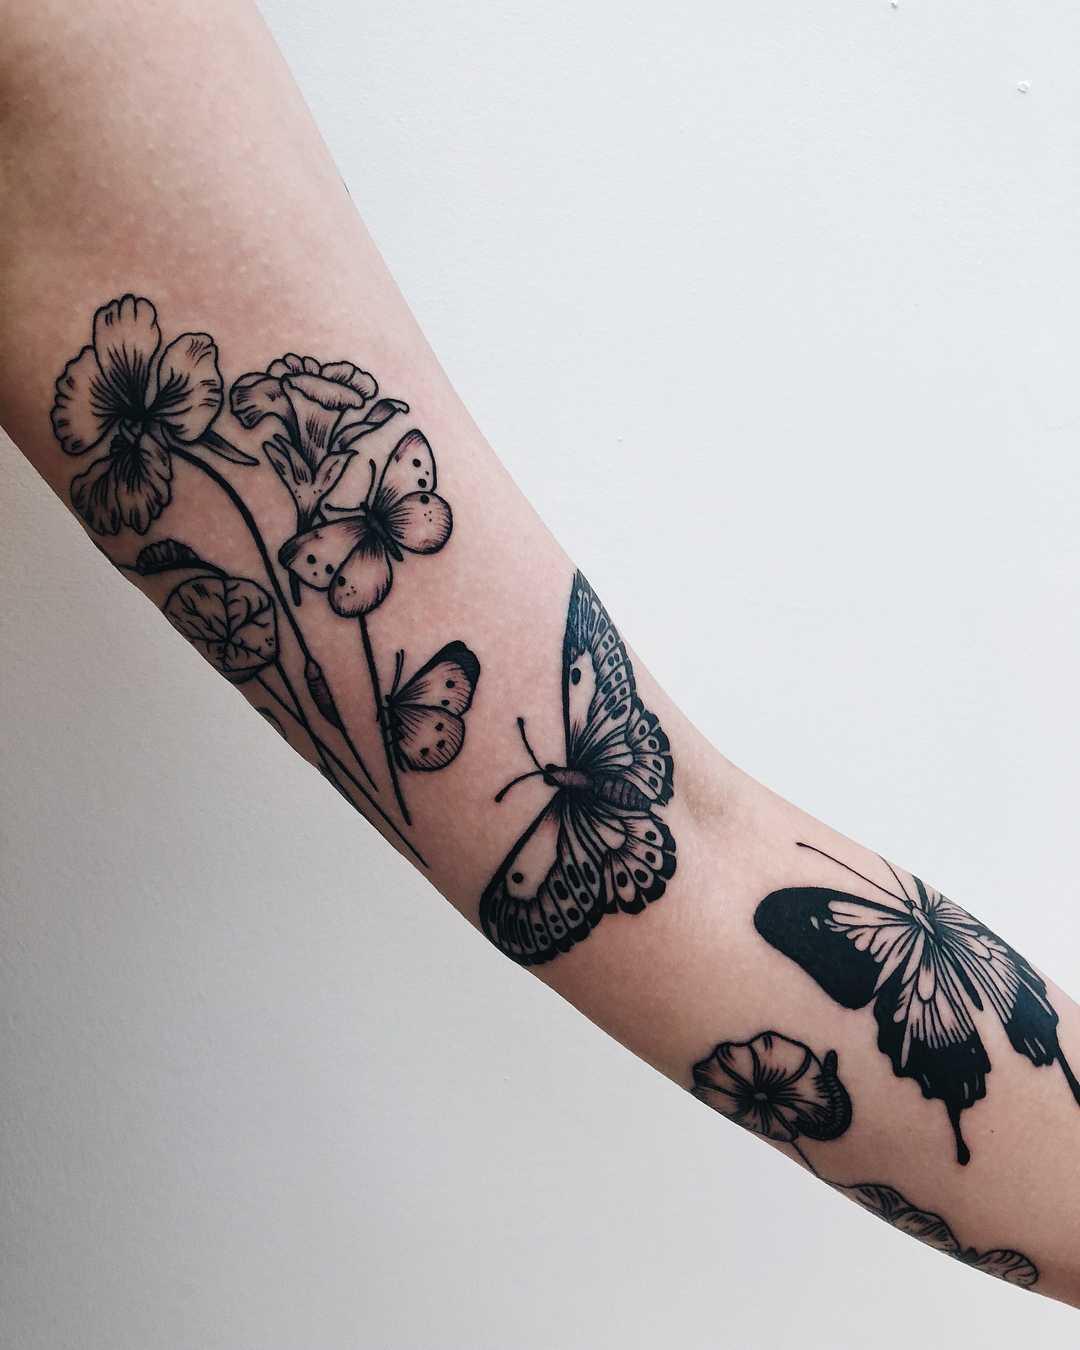 Botanical tattoos by Finley Jordan